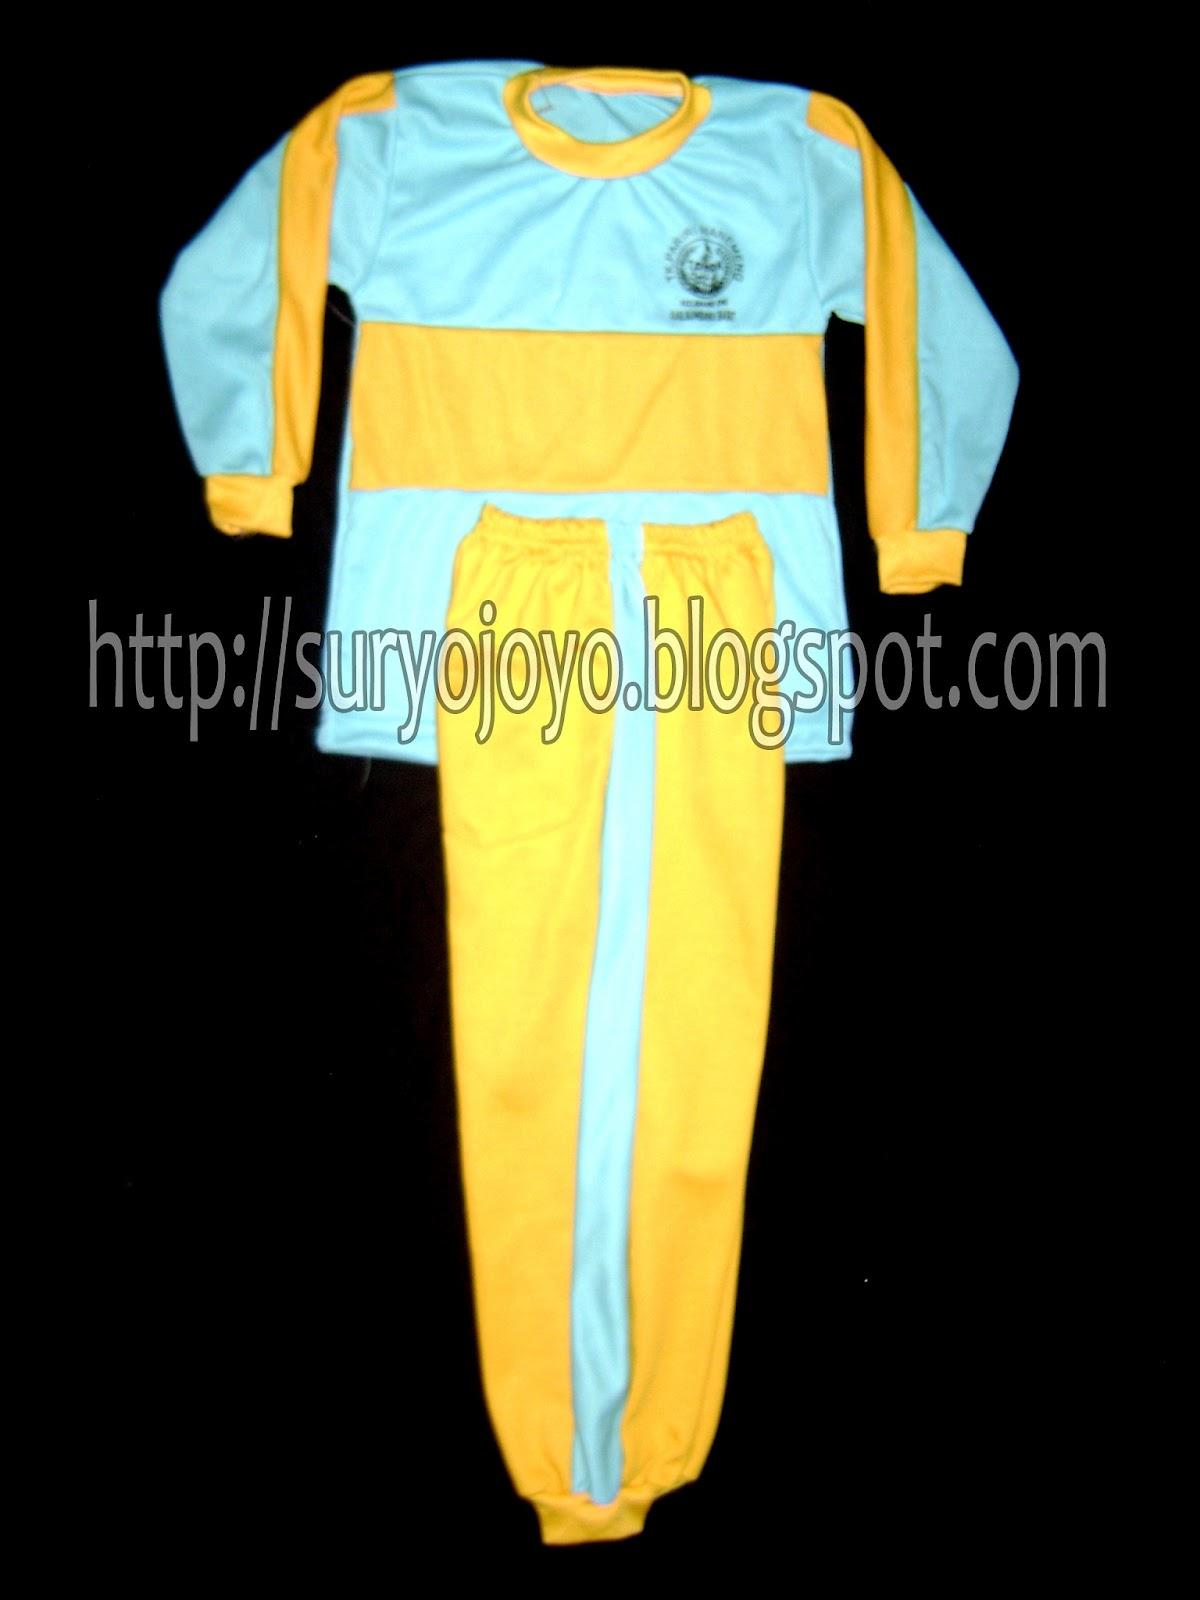 Gambar Terkait: Contoh Seragam Batik Tk